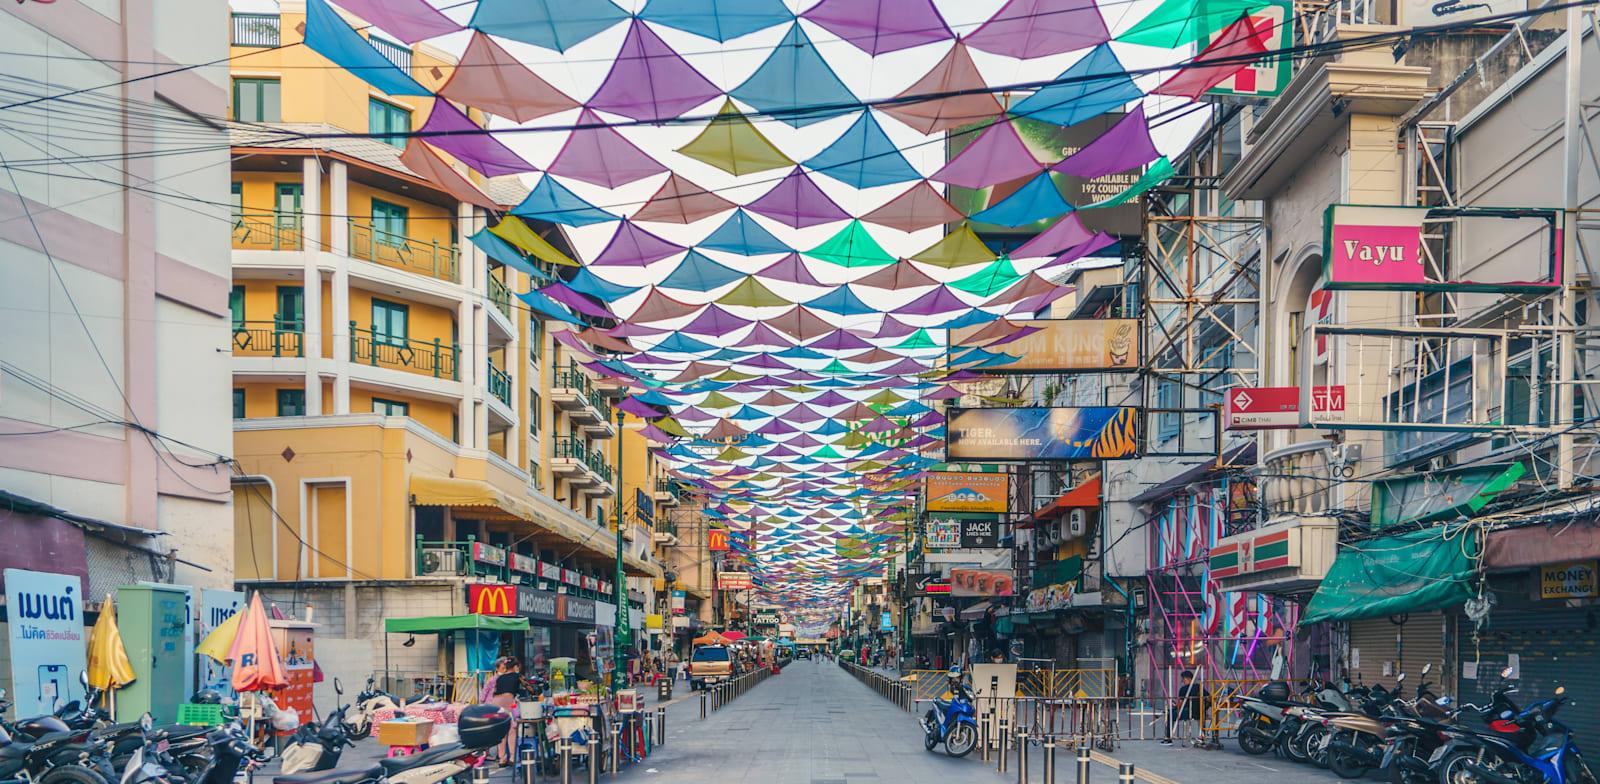 בנגקוק, השבוע. תאילנד משוועת לתיירים / צילום: Shutterstock, AfriramPOE